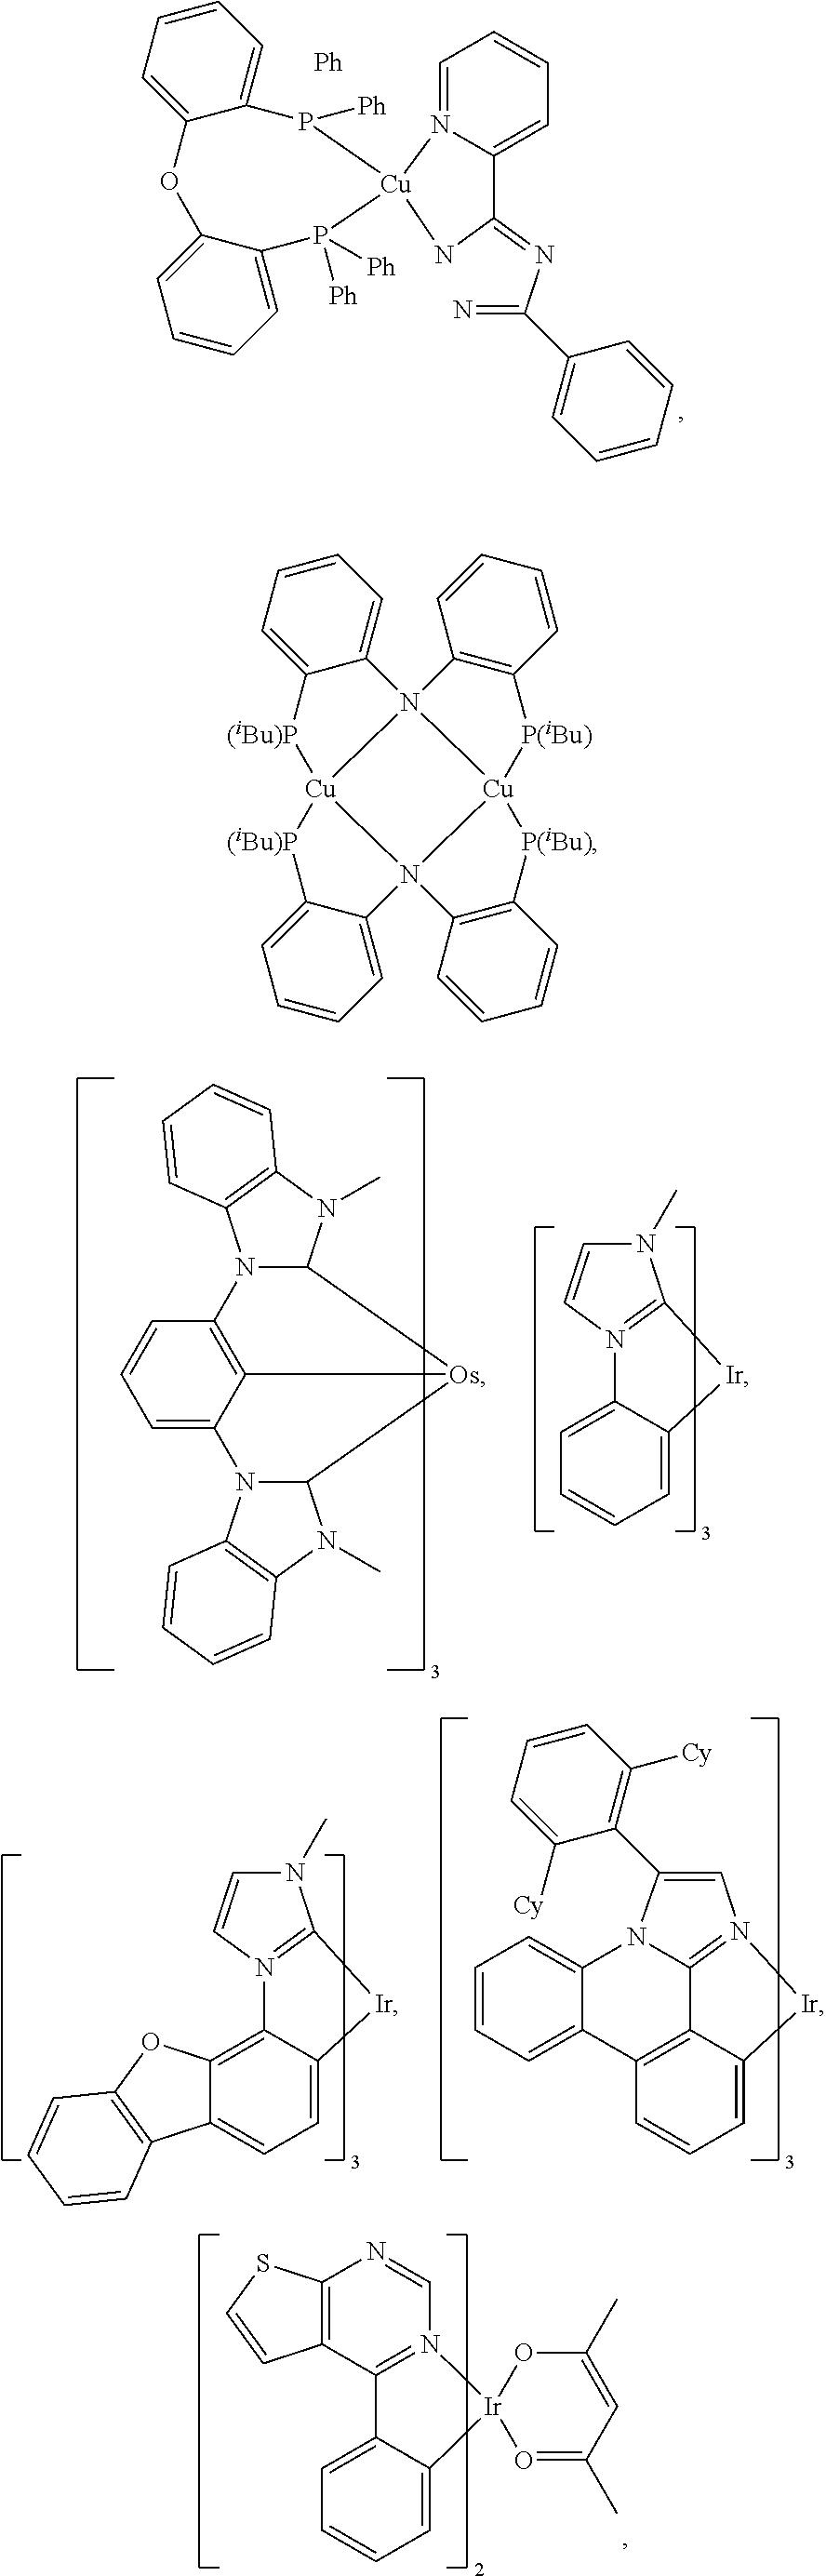 Figure US20180130962A1-20180510-C00180